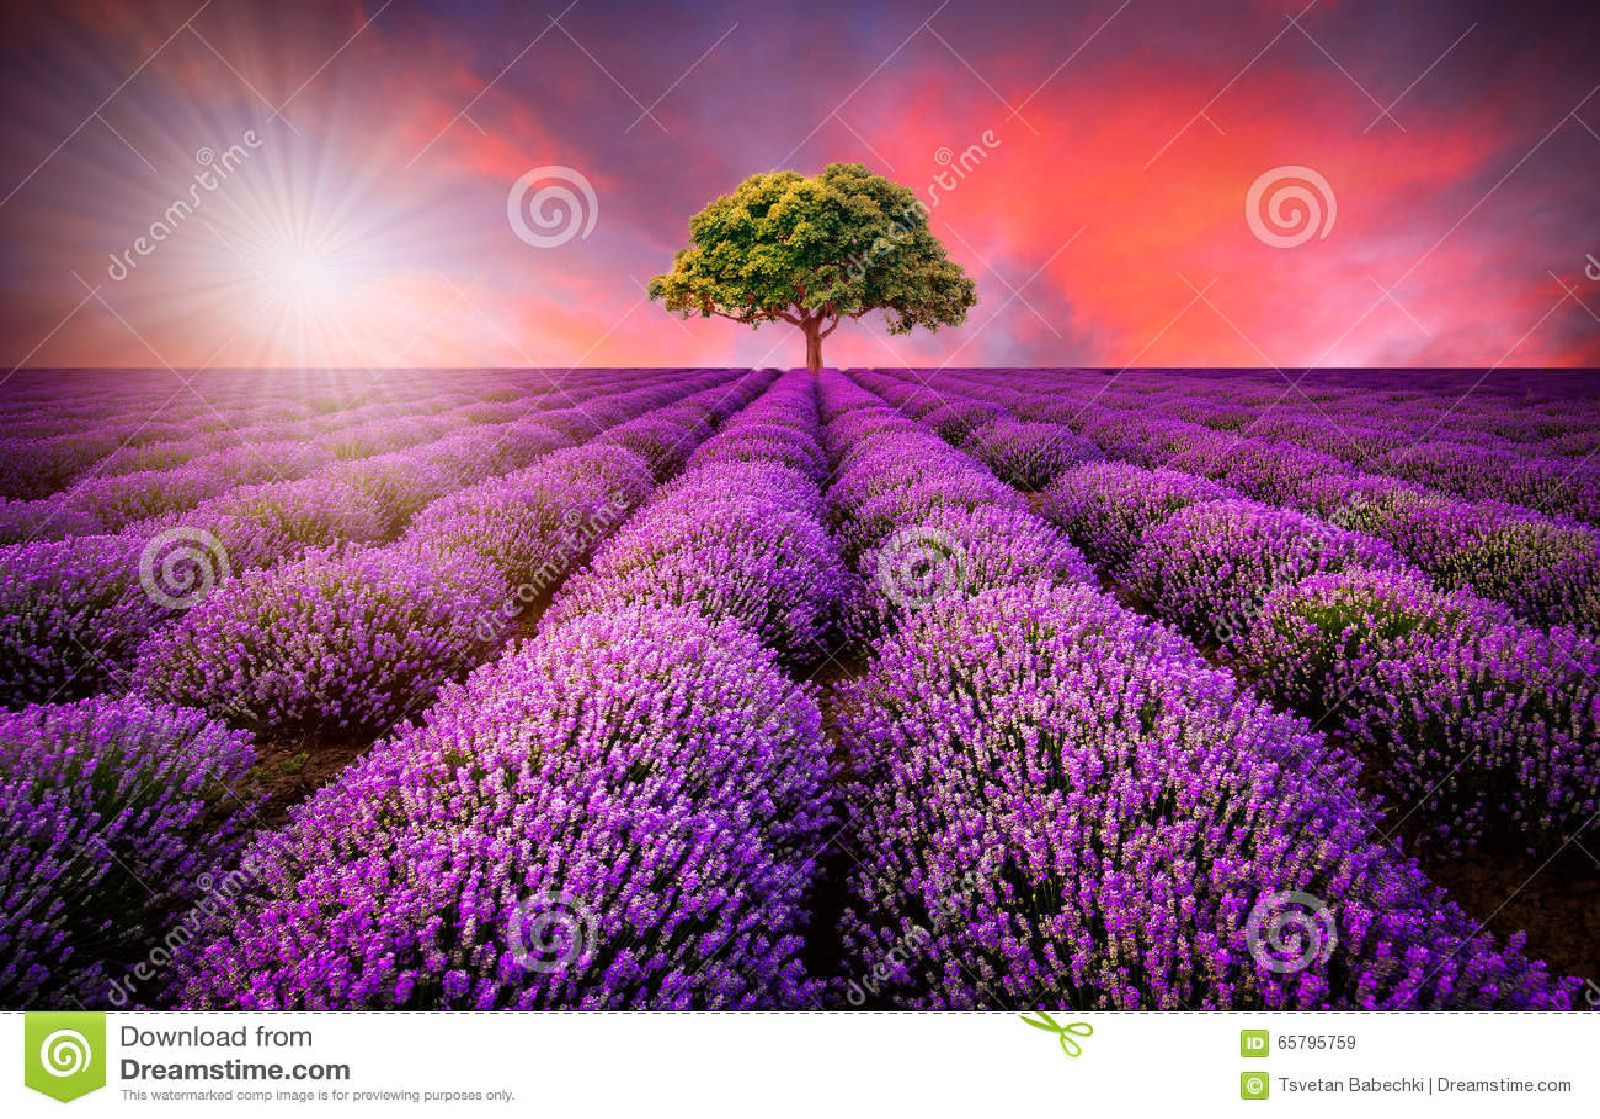 Erstaunliche Landschaft mit Lavendelfeld bei Sonnenuntergang